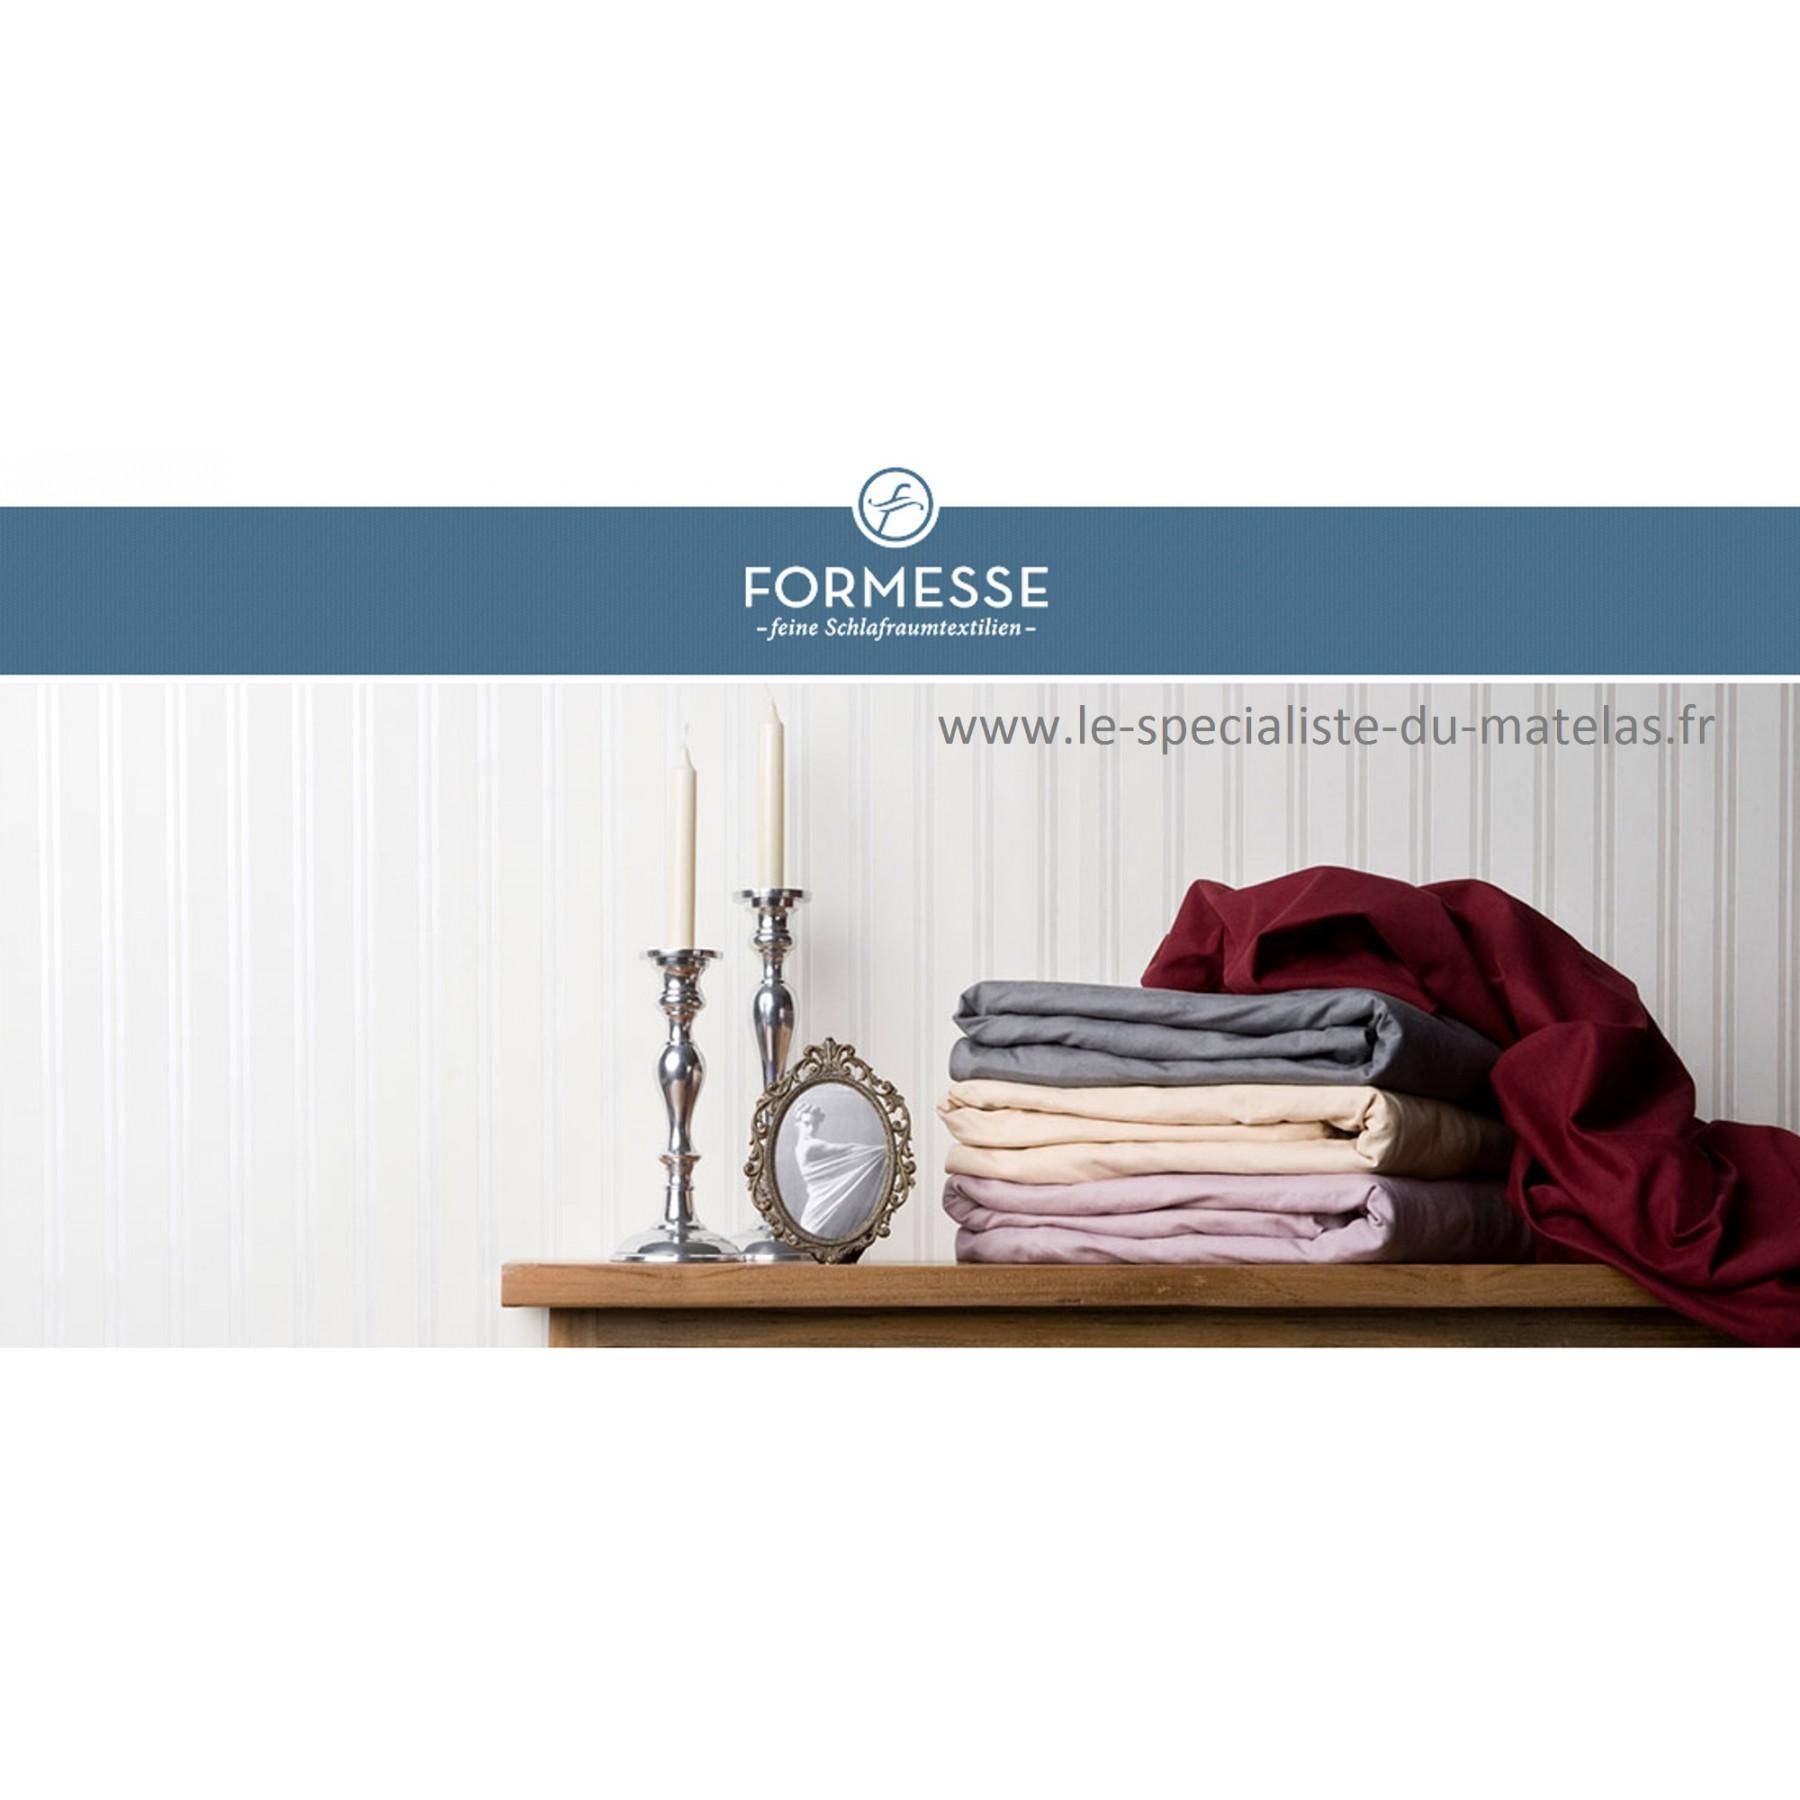 drap housse formesse alto poche 45cm d couvrir au le sp cialiste du matelas. Black Bedroom Furniture Sets. Home Design Ideas